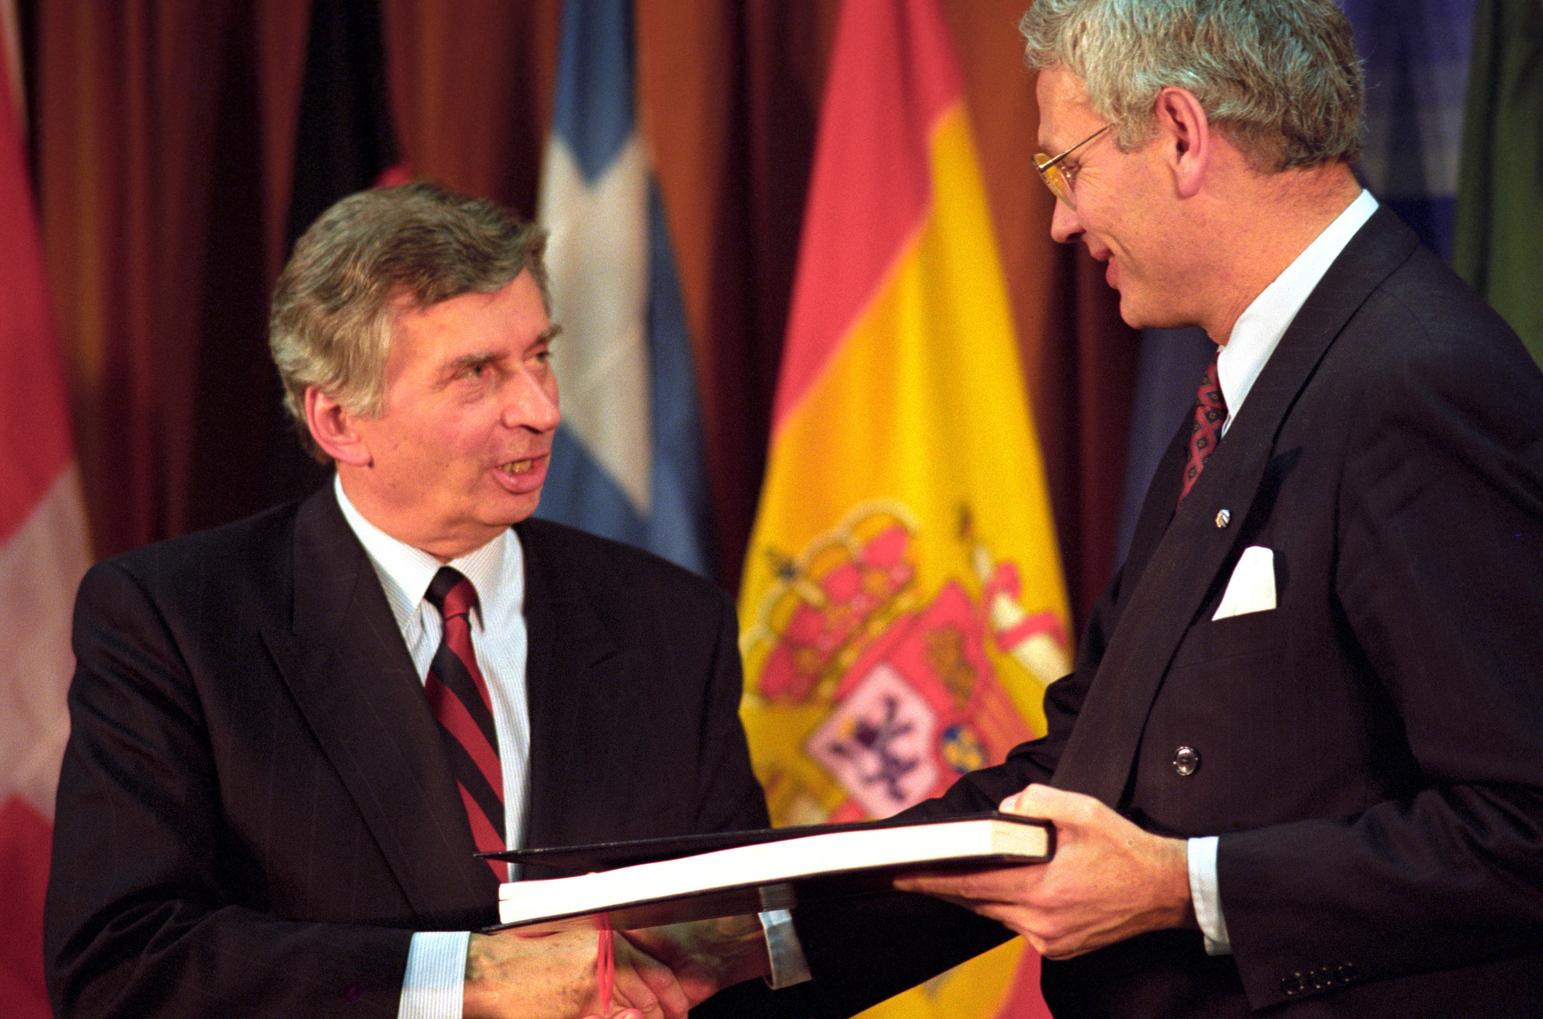 Brüsszel, 1991. december 16. Antall József miniszterelnök és Hans van den Broek, az EK tanácsának soros elnöke Brüsszelben a Charlemagne-palota sajtótermében, ahol aláírták a visegrádi hármak társulási szerződését az Európai Közösségekkel. Lengyelország nevében Leszek Balcerowicz kormányfő, Csehszlovákia képviseletében Marian Calfa miniszterelnök, az EU-s Tizenkettek nevében Hans van den Broek és Frans Andriessen, az EK bizottságának alelnöke látta el kézjegyével a szerződést.    MTI Fotó: Soós Lajos